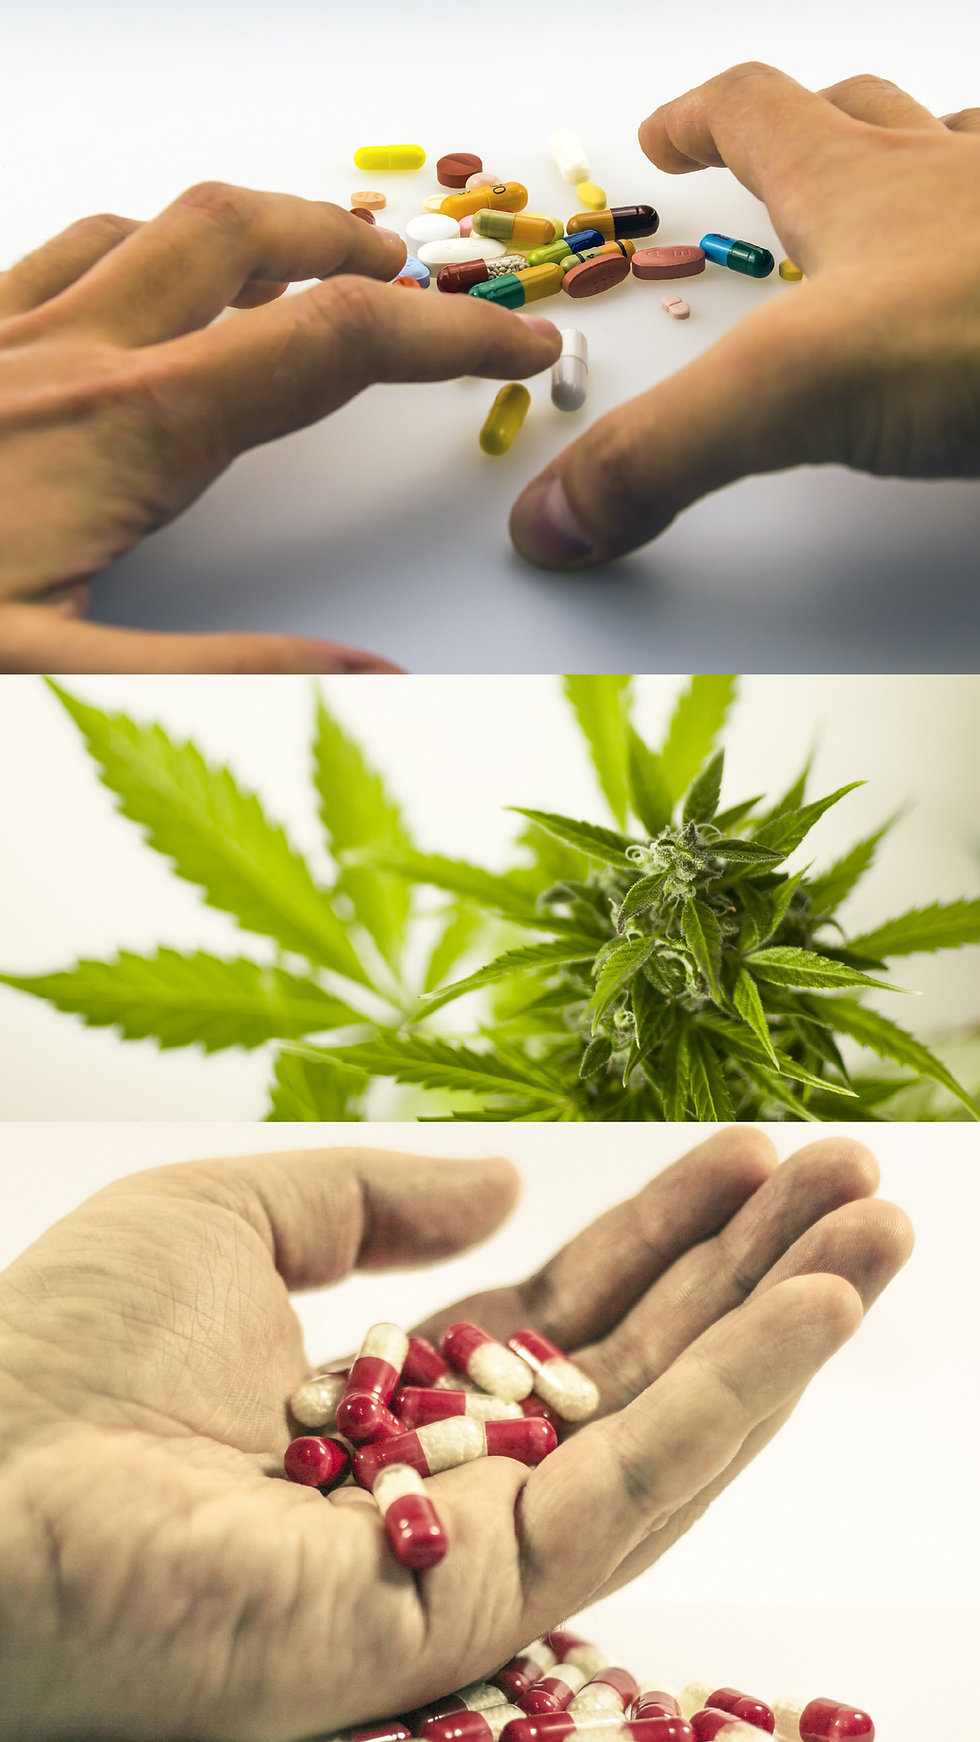 Foto de drogas en el fondo para el abogado de ley criminal Ricardo P. Hermida en Miami, Coral Gables, condado de Miami-Dade, Florida.